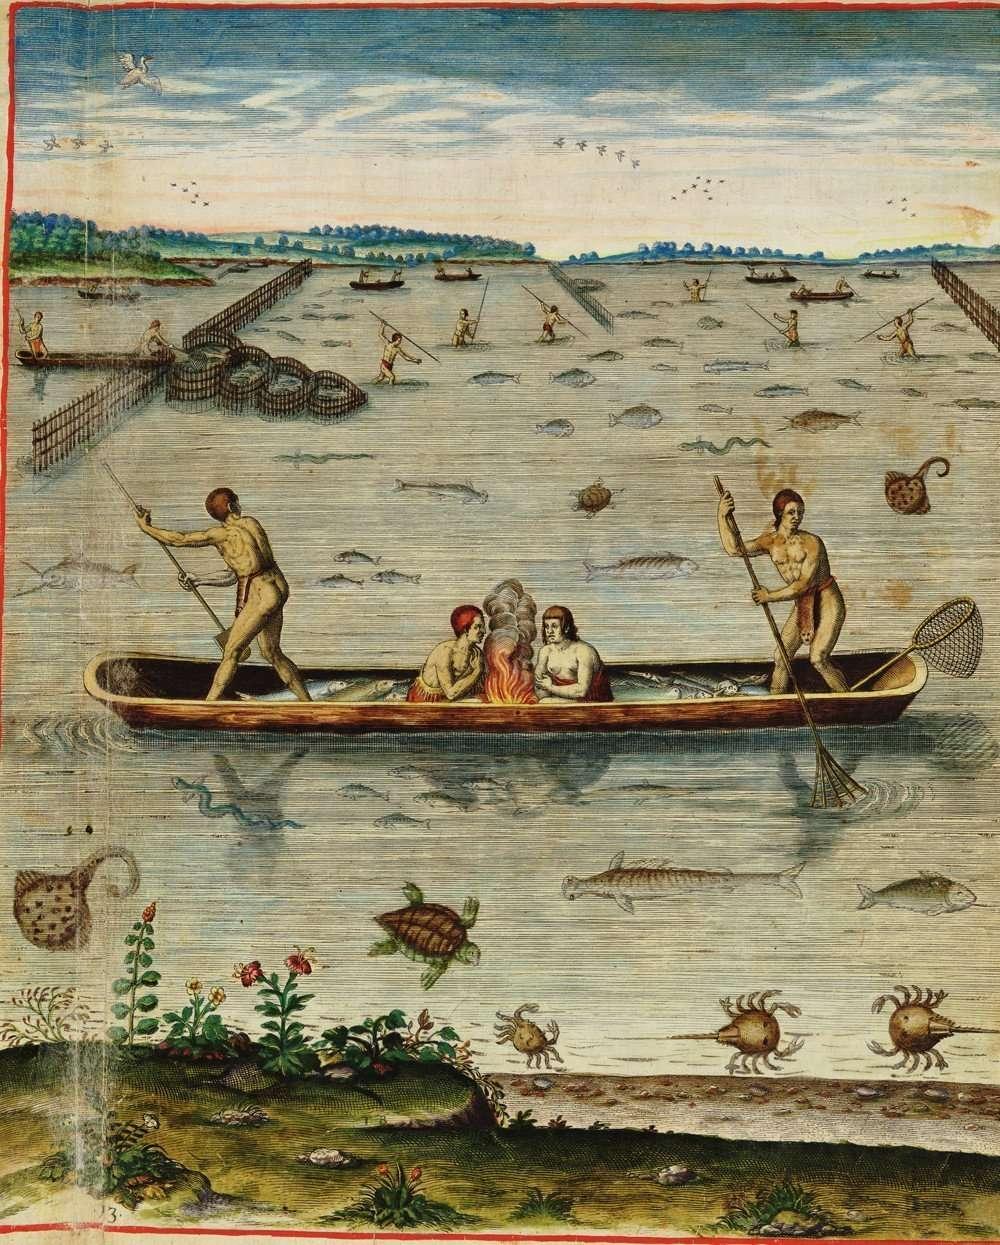 Incolarum Virginiae piscandi ratio (The Method of Fishing of the Inhabitants of Virginia)